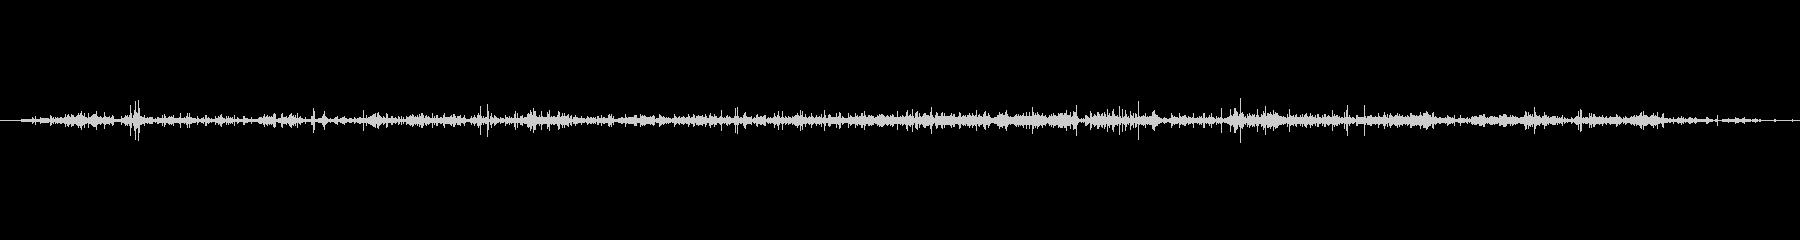 紙 スタッフィングペーパーラッスル01の未再生の波形